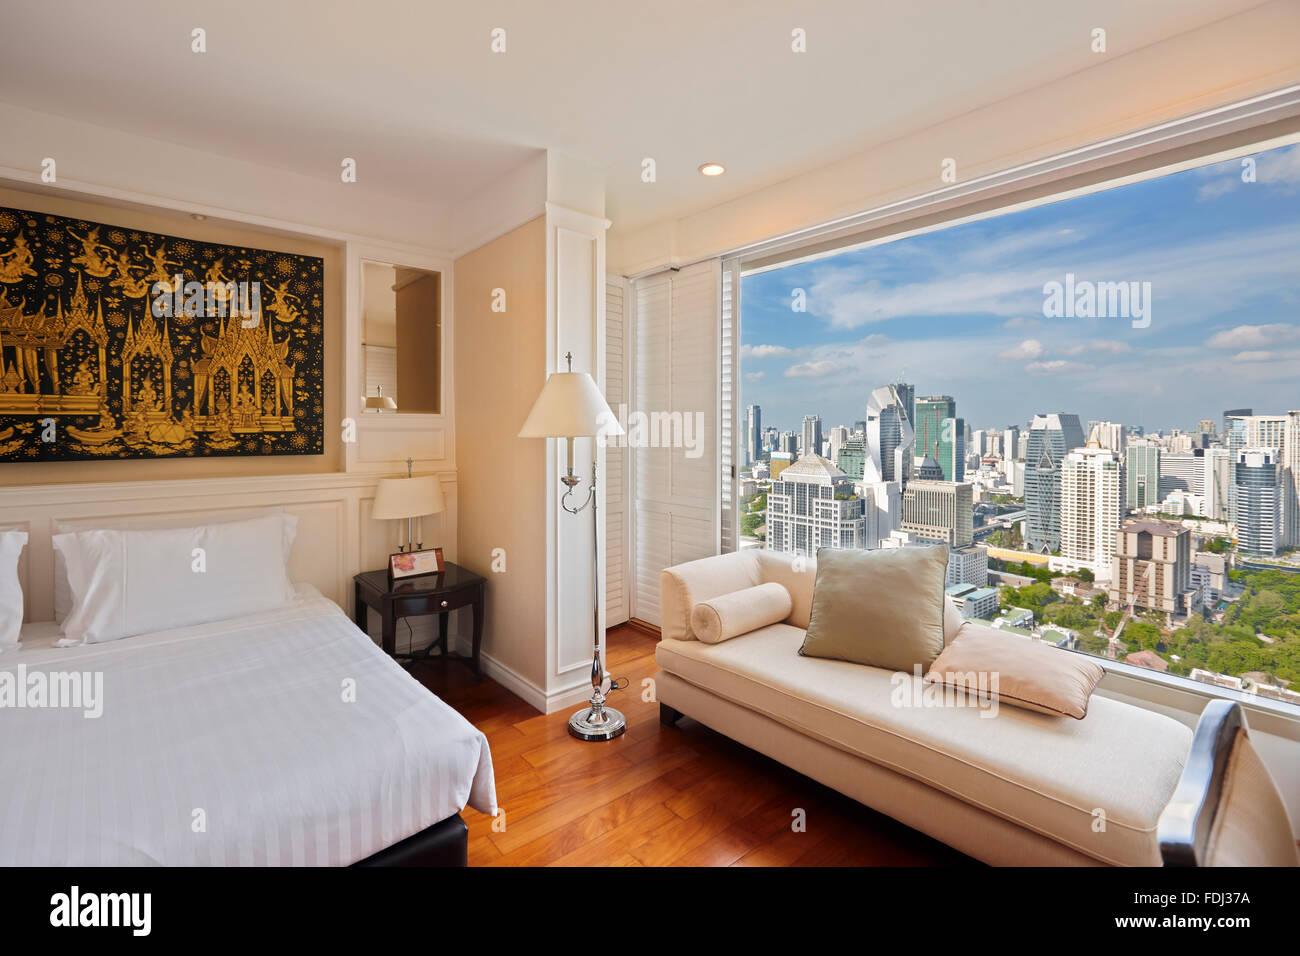 Chambre avec vue sur la ville dans la Grande Centre Point Hotel Ratchadamri. Bangkok, Thaïlande. Photo Stock